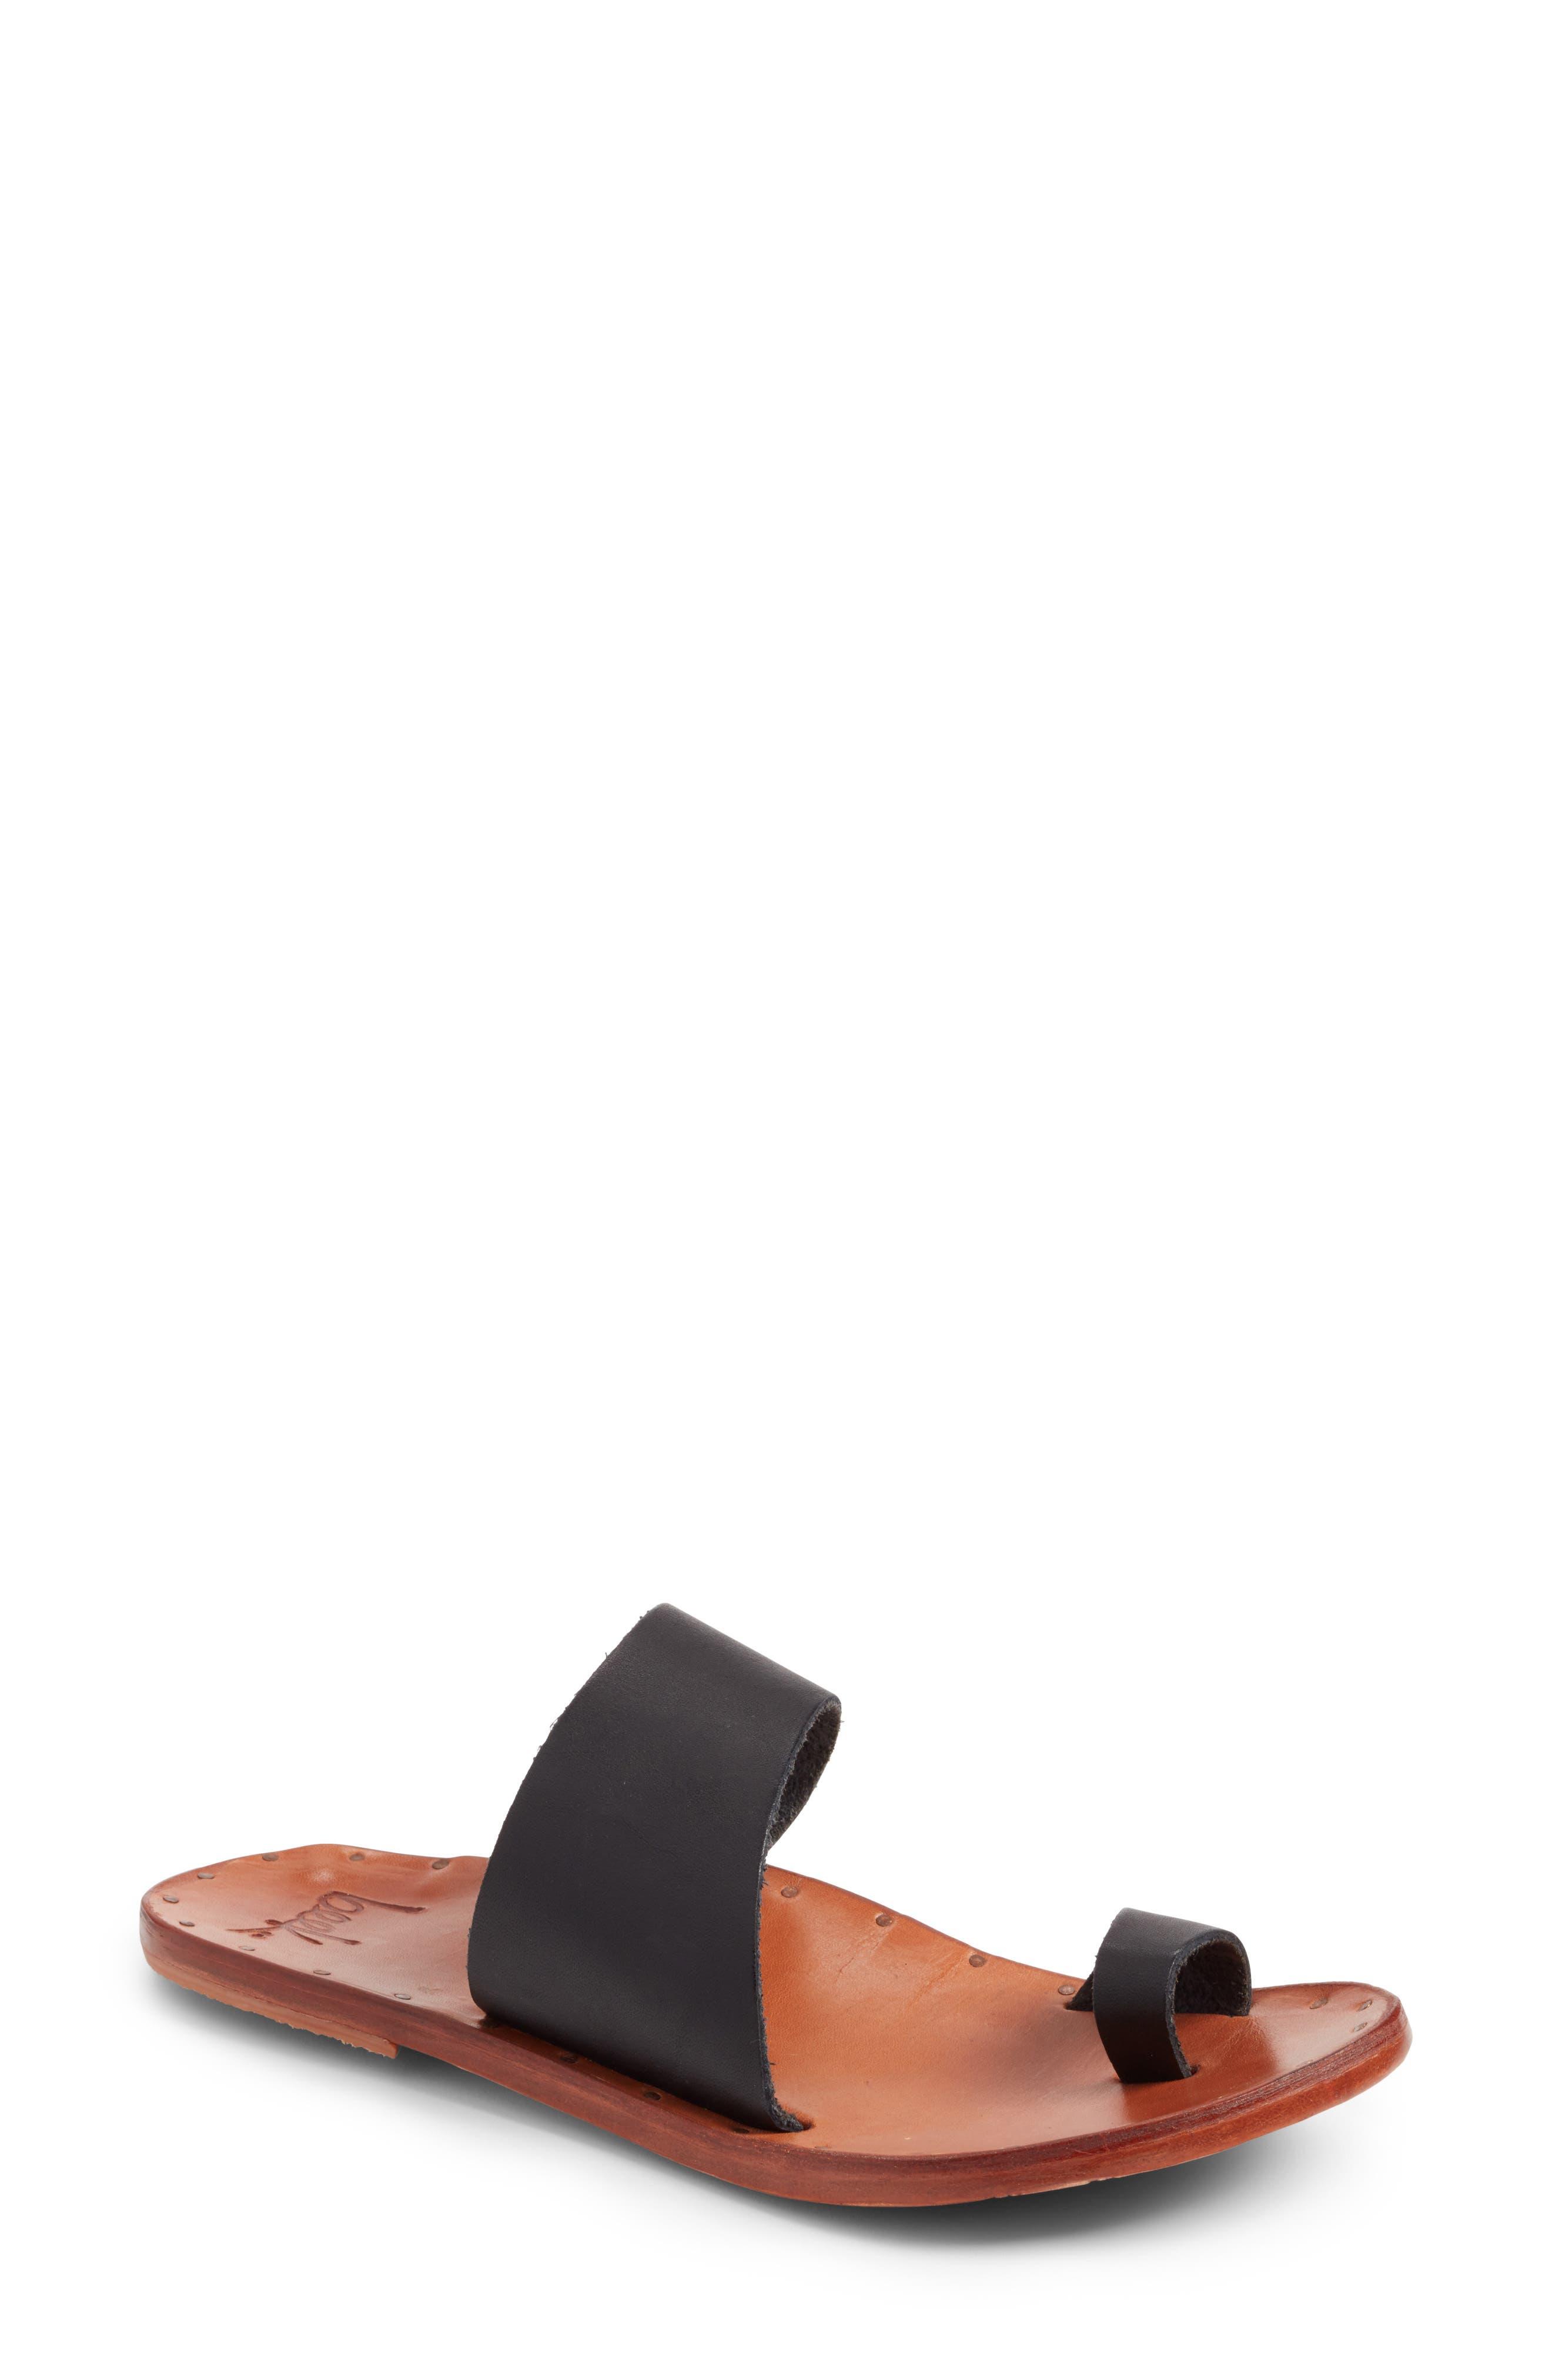 BEEK Finch Sandal in Black/ Tan